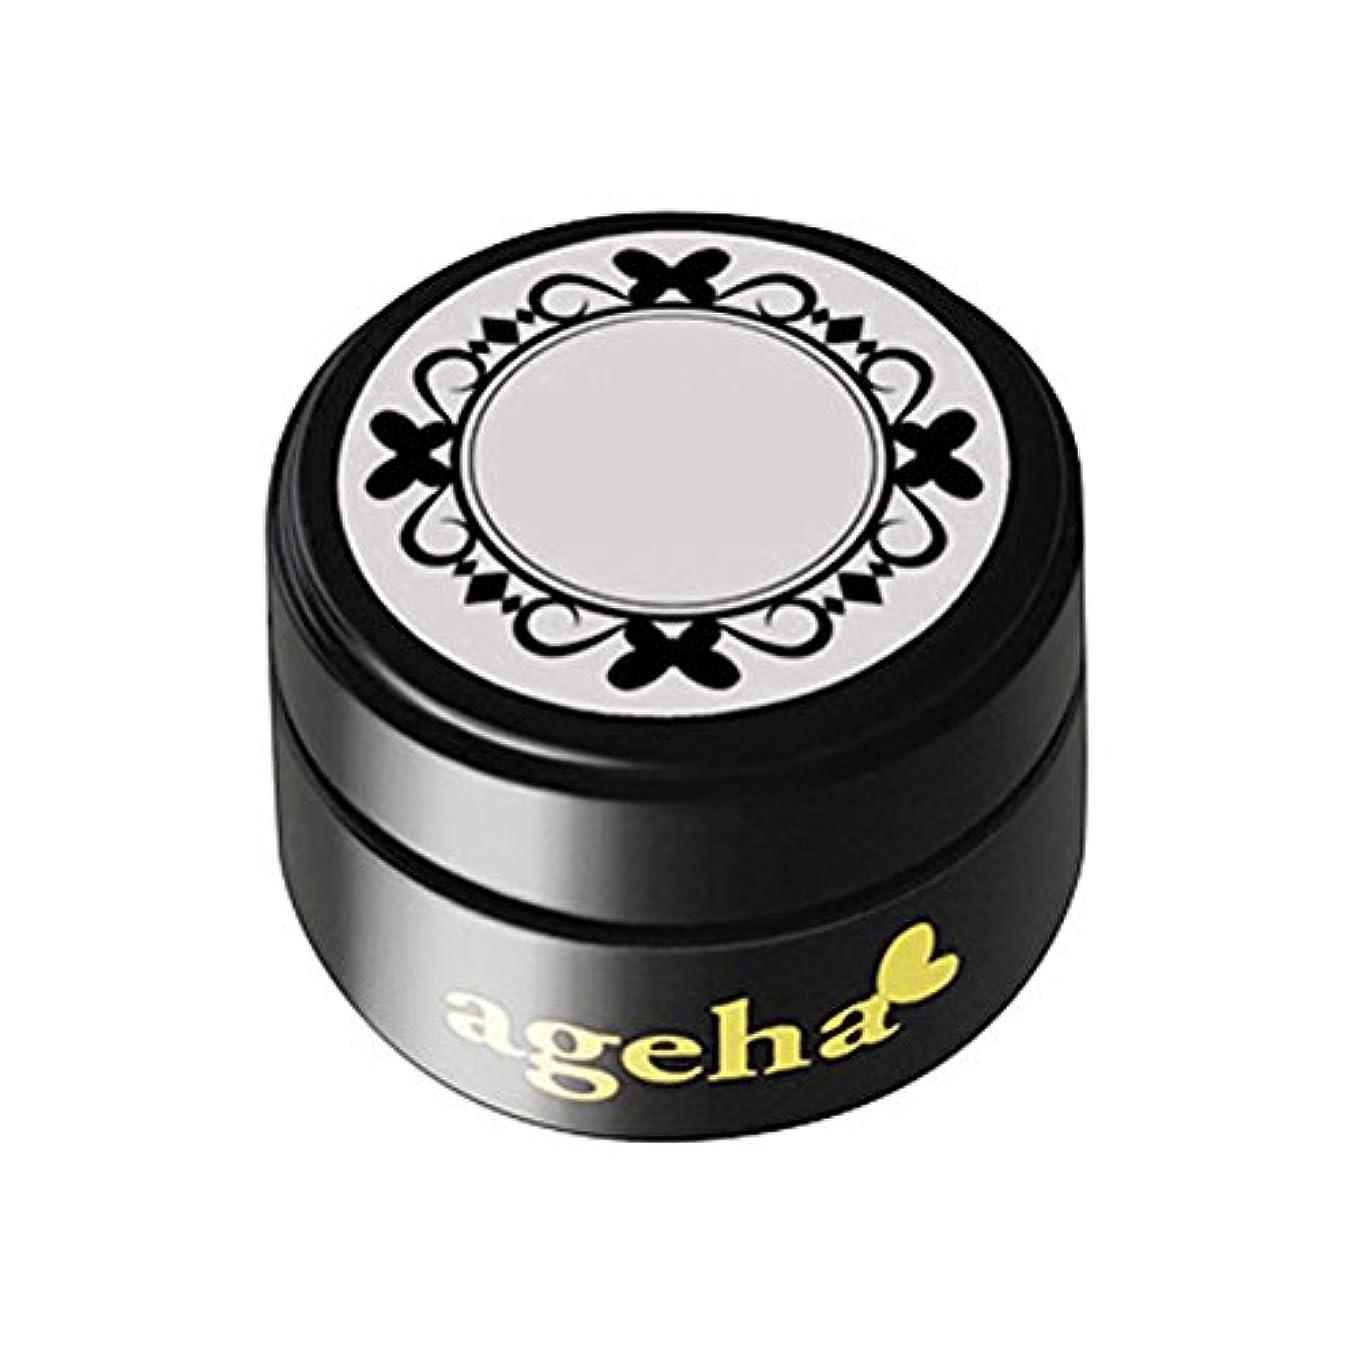 損傷姓国際ageha gel カラージェル コスメカラー 316 スイートラベンダーA 2.7g UV/LED対応